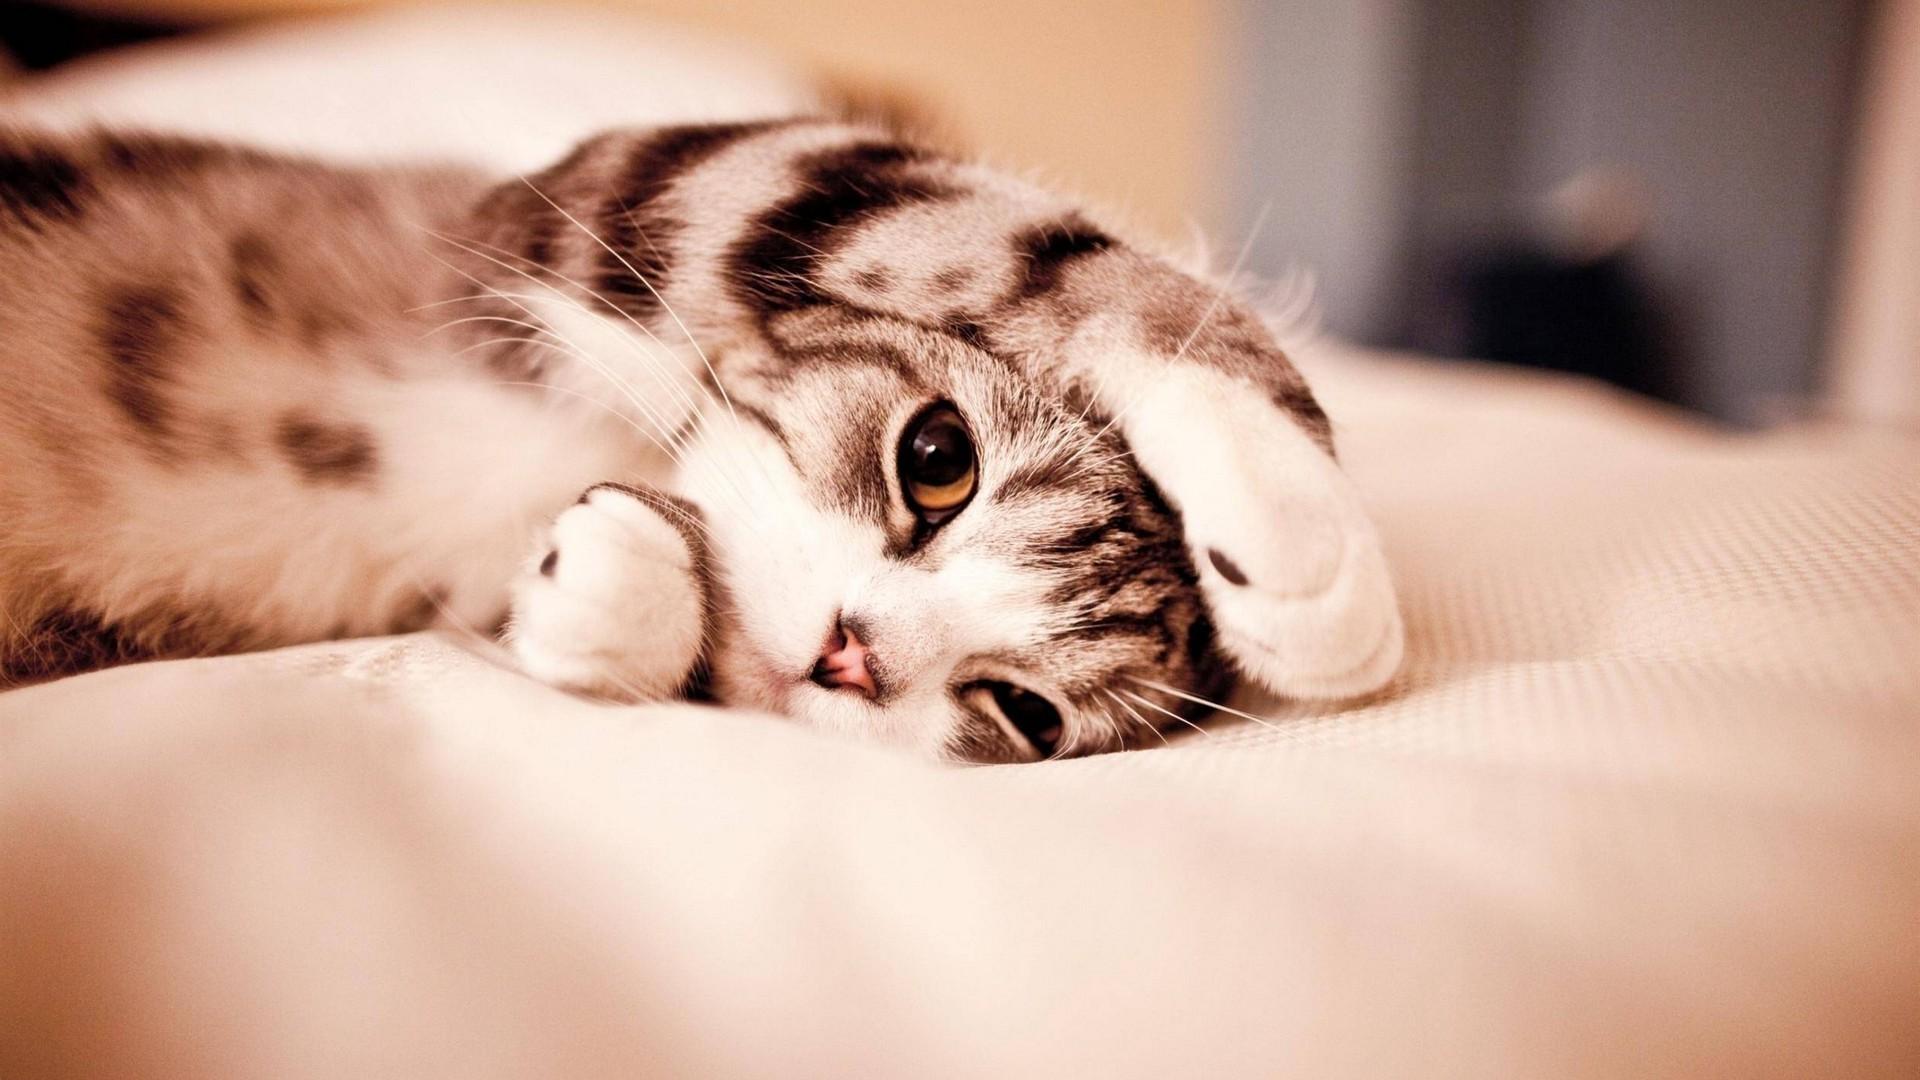 Res: 1920x1080, Cute Cat Wallpaper HD